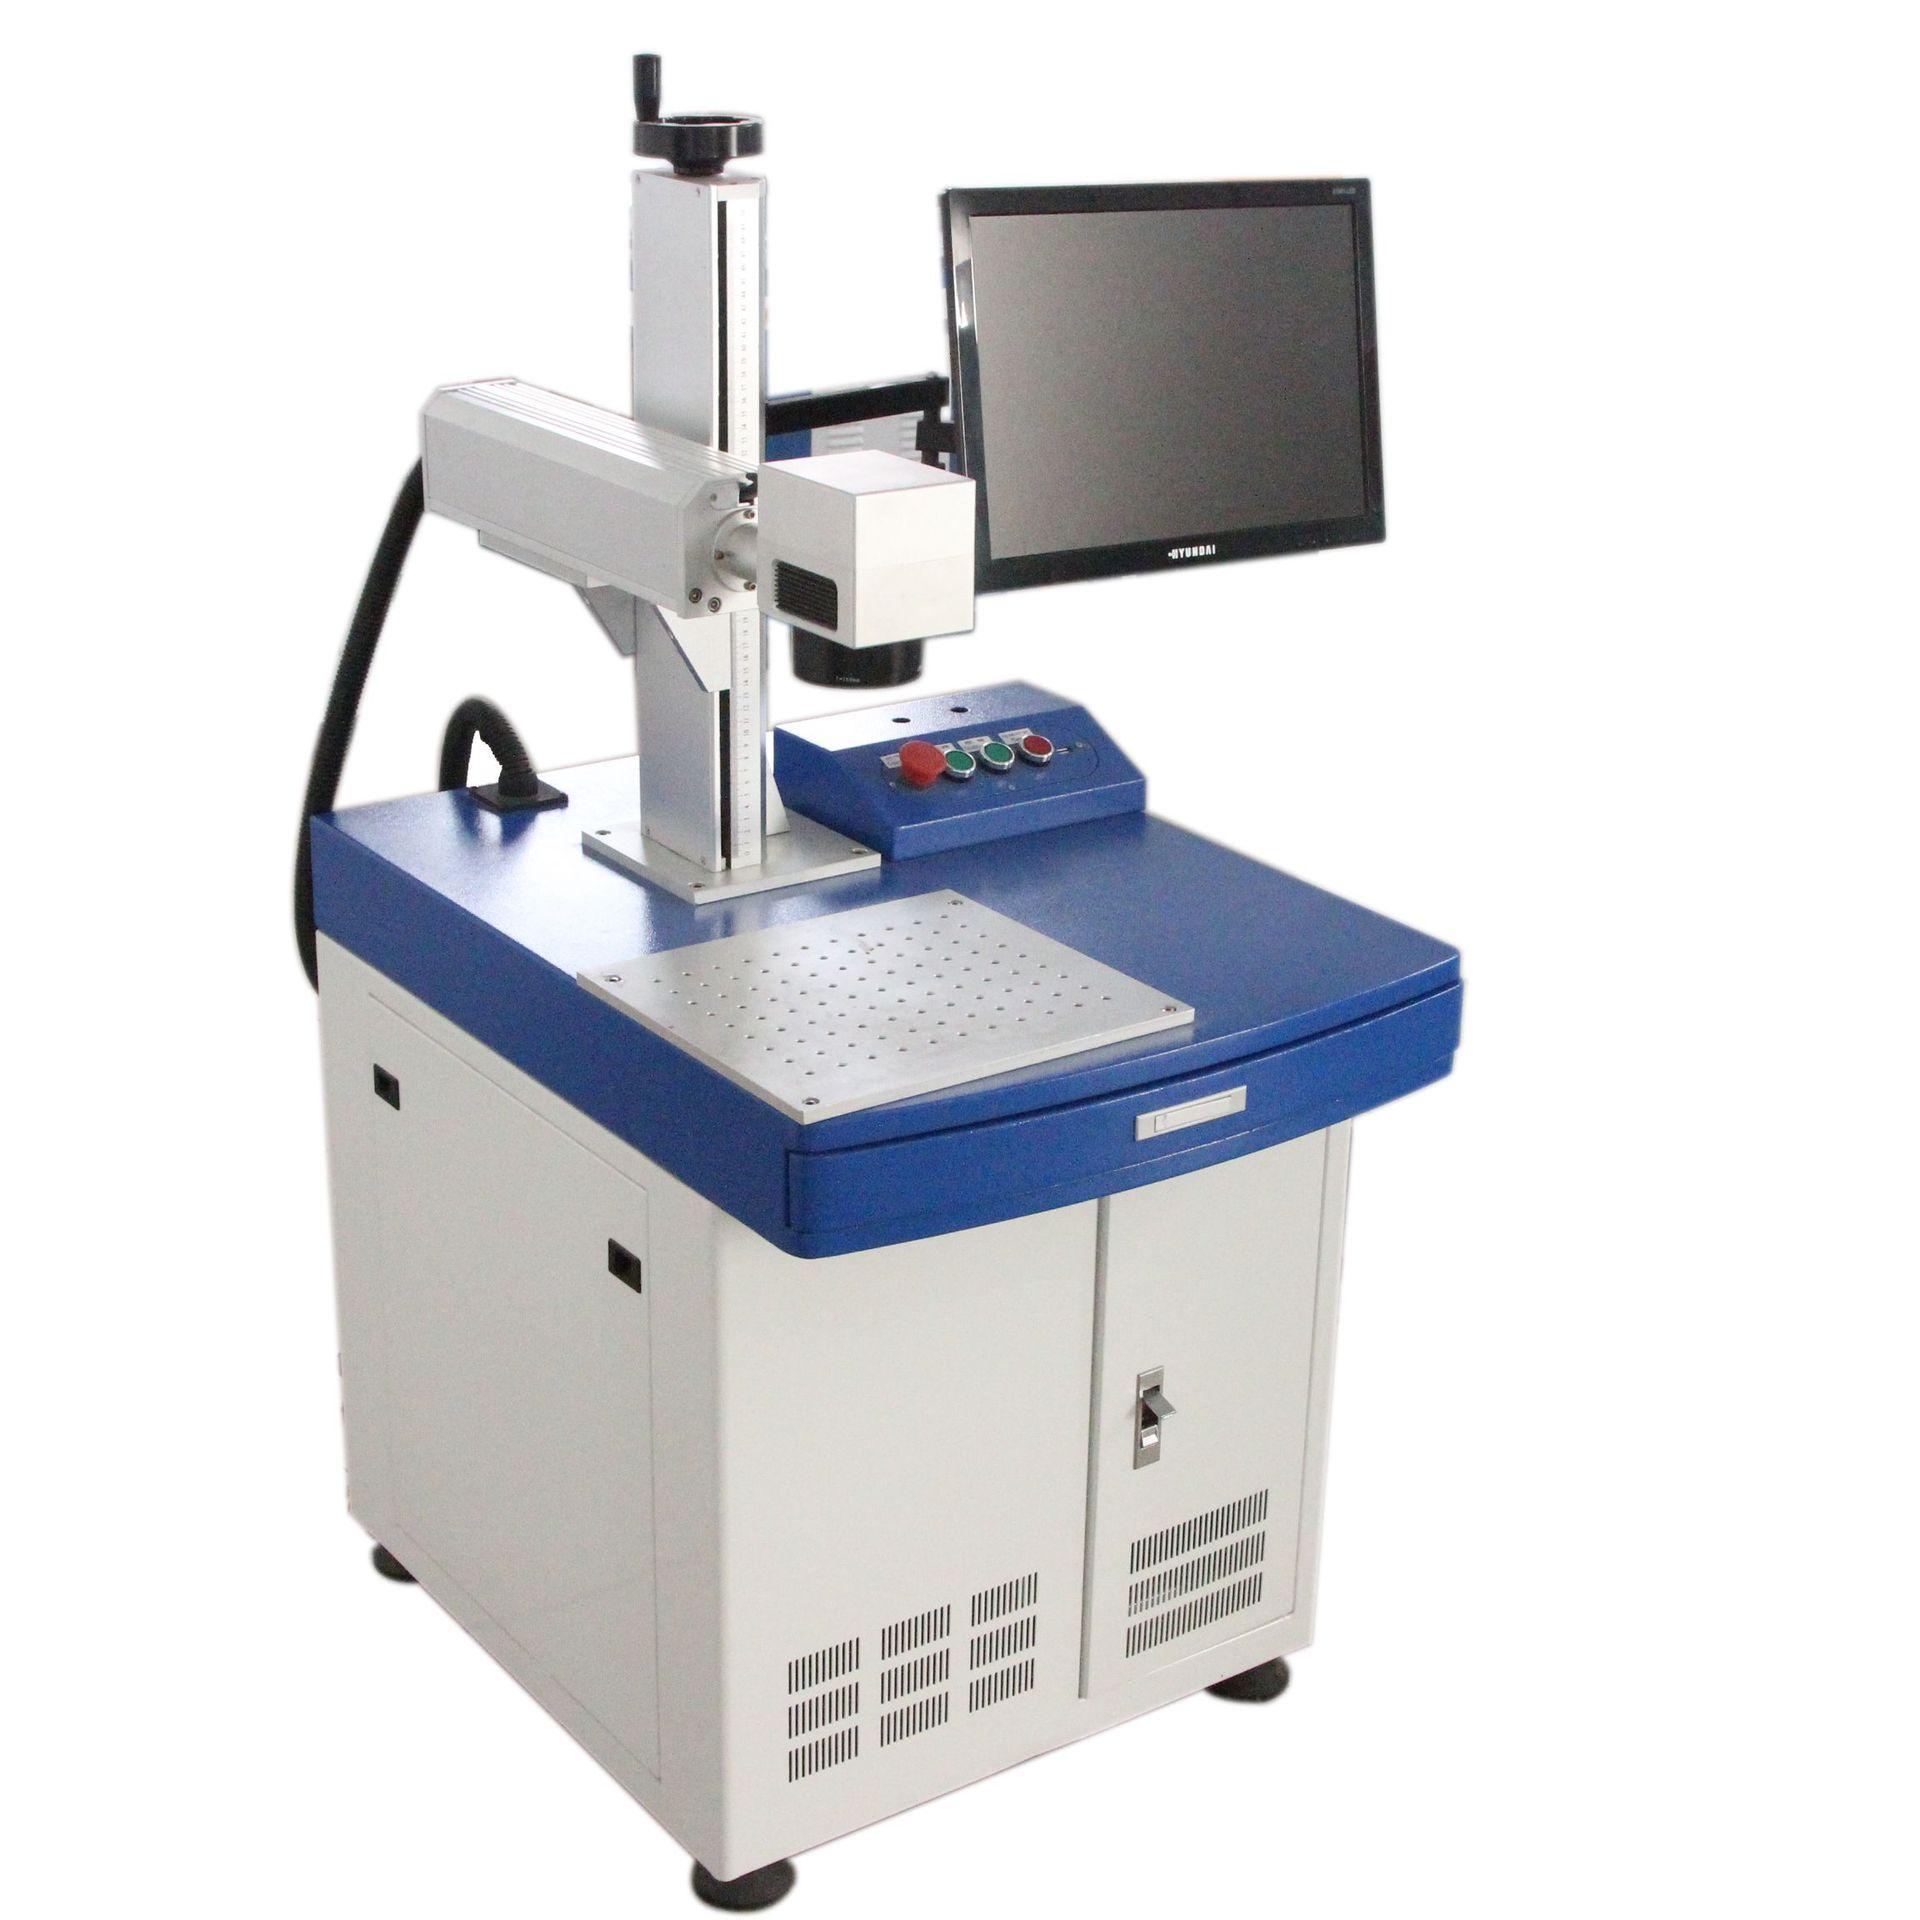 工业生产中全自动打标机发挥重要作用